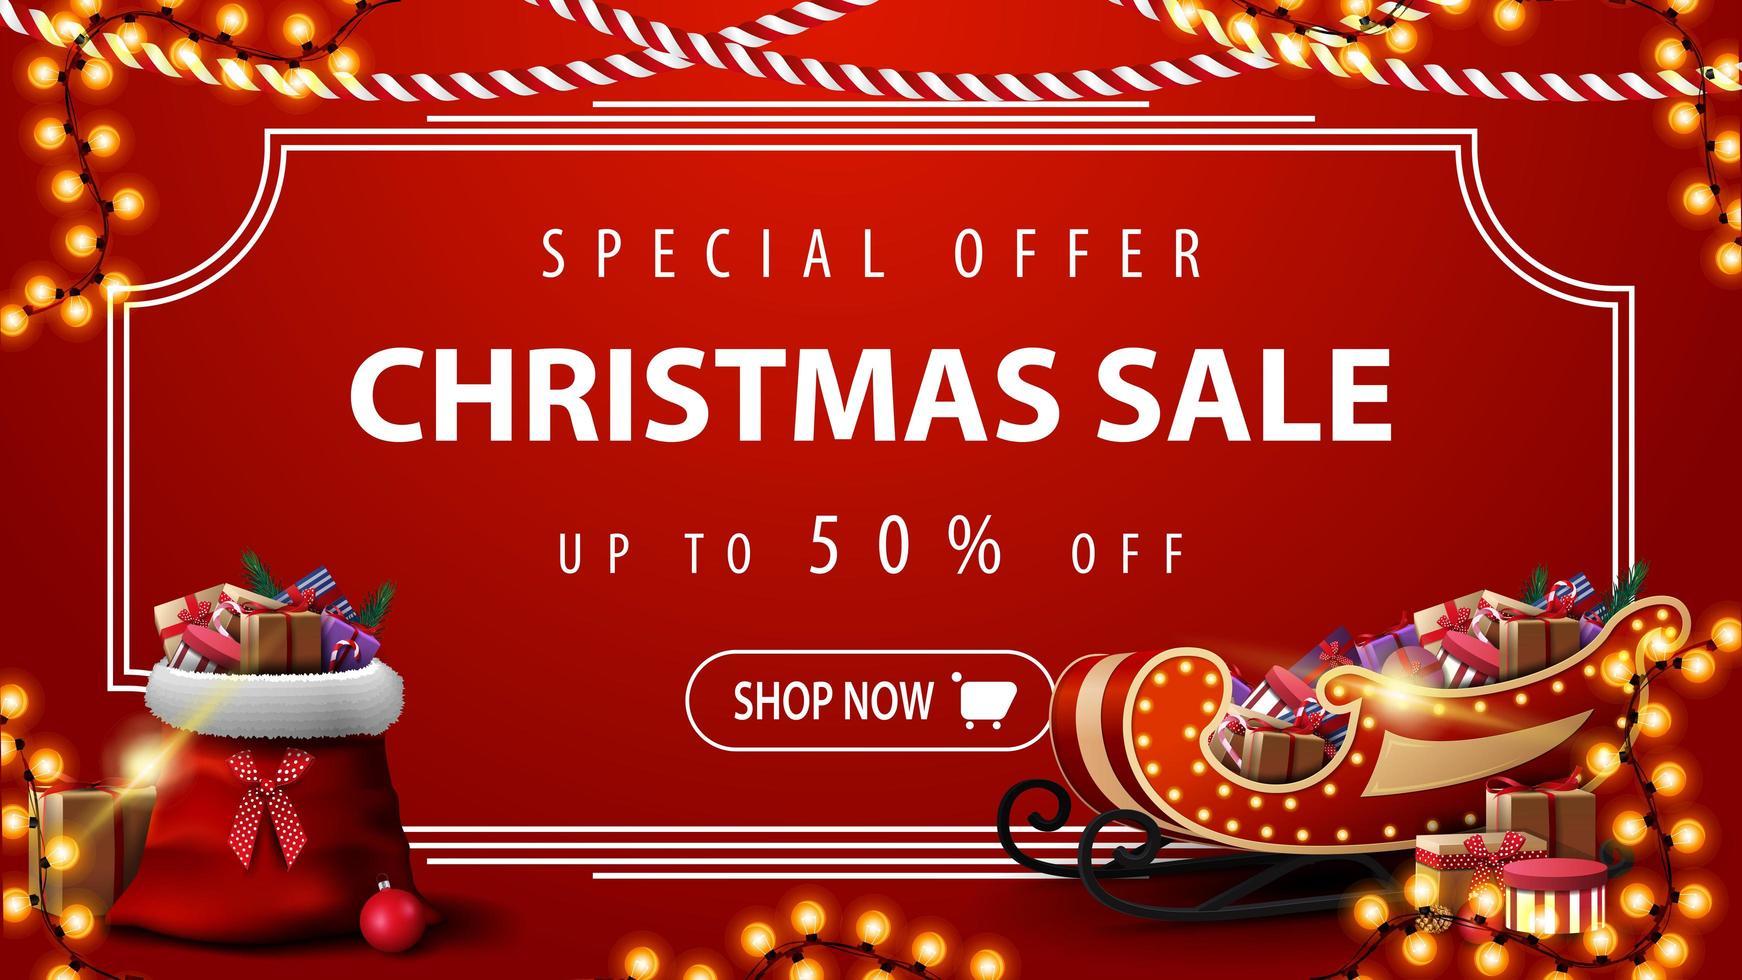 offre spéciale, vente de Noël, jusqu'à 50 de réduction, bannière de réduction rouge moderne avec cadre vintage, guirlandes, sac du père Noël et traîneau du père Noël avec des cadeaux vecteur